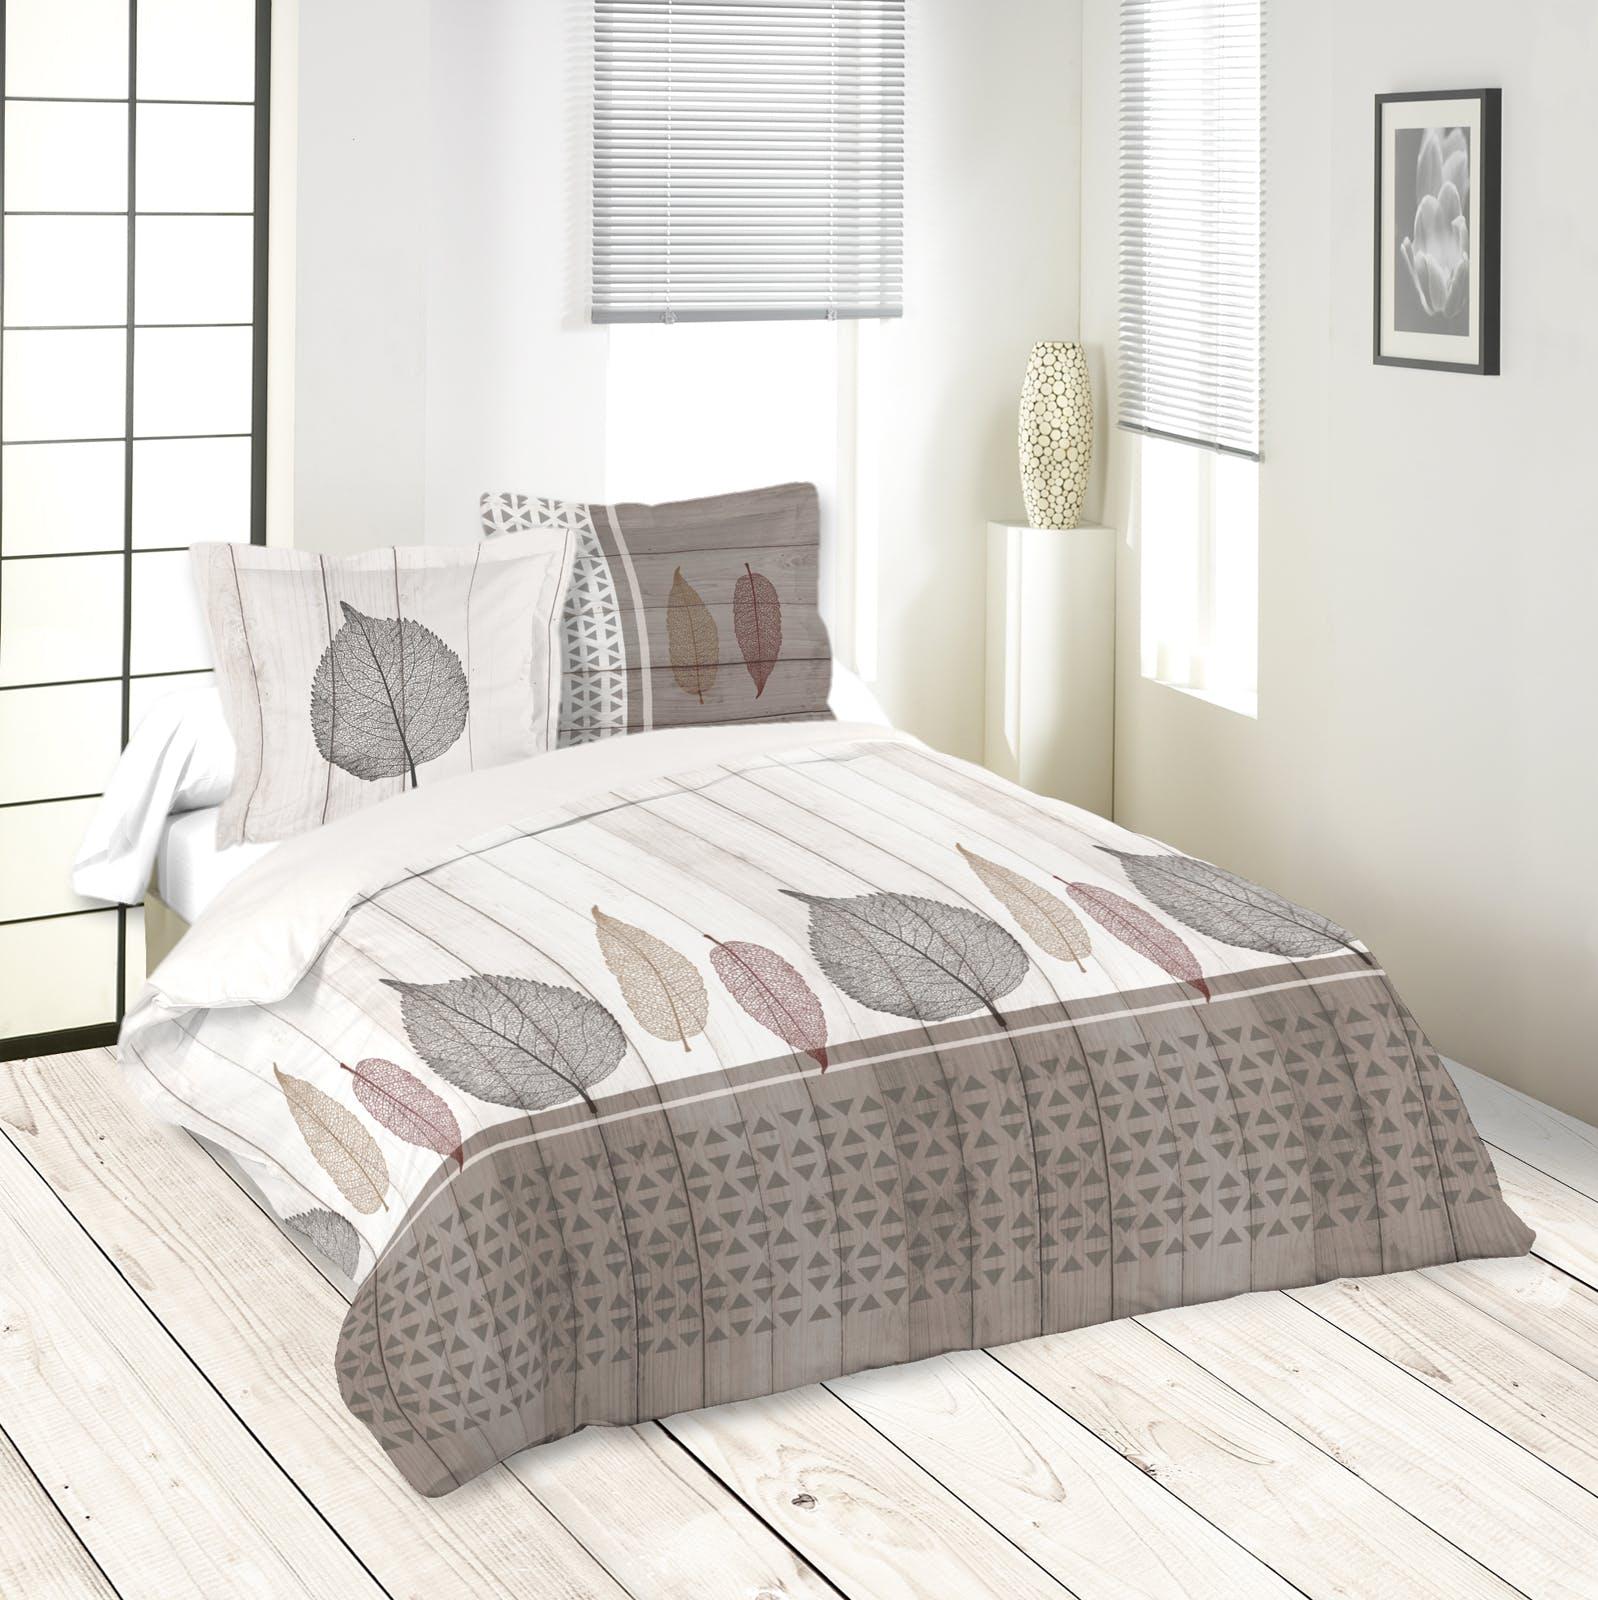 Parure de lit motifs feuilles 260x240cm housse de couette + 2 taies 63x63cm MONTEA